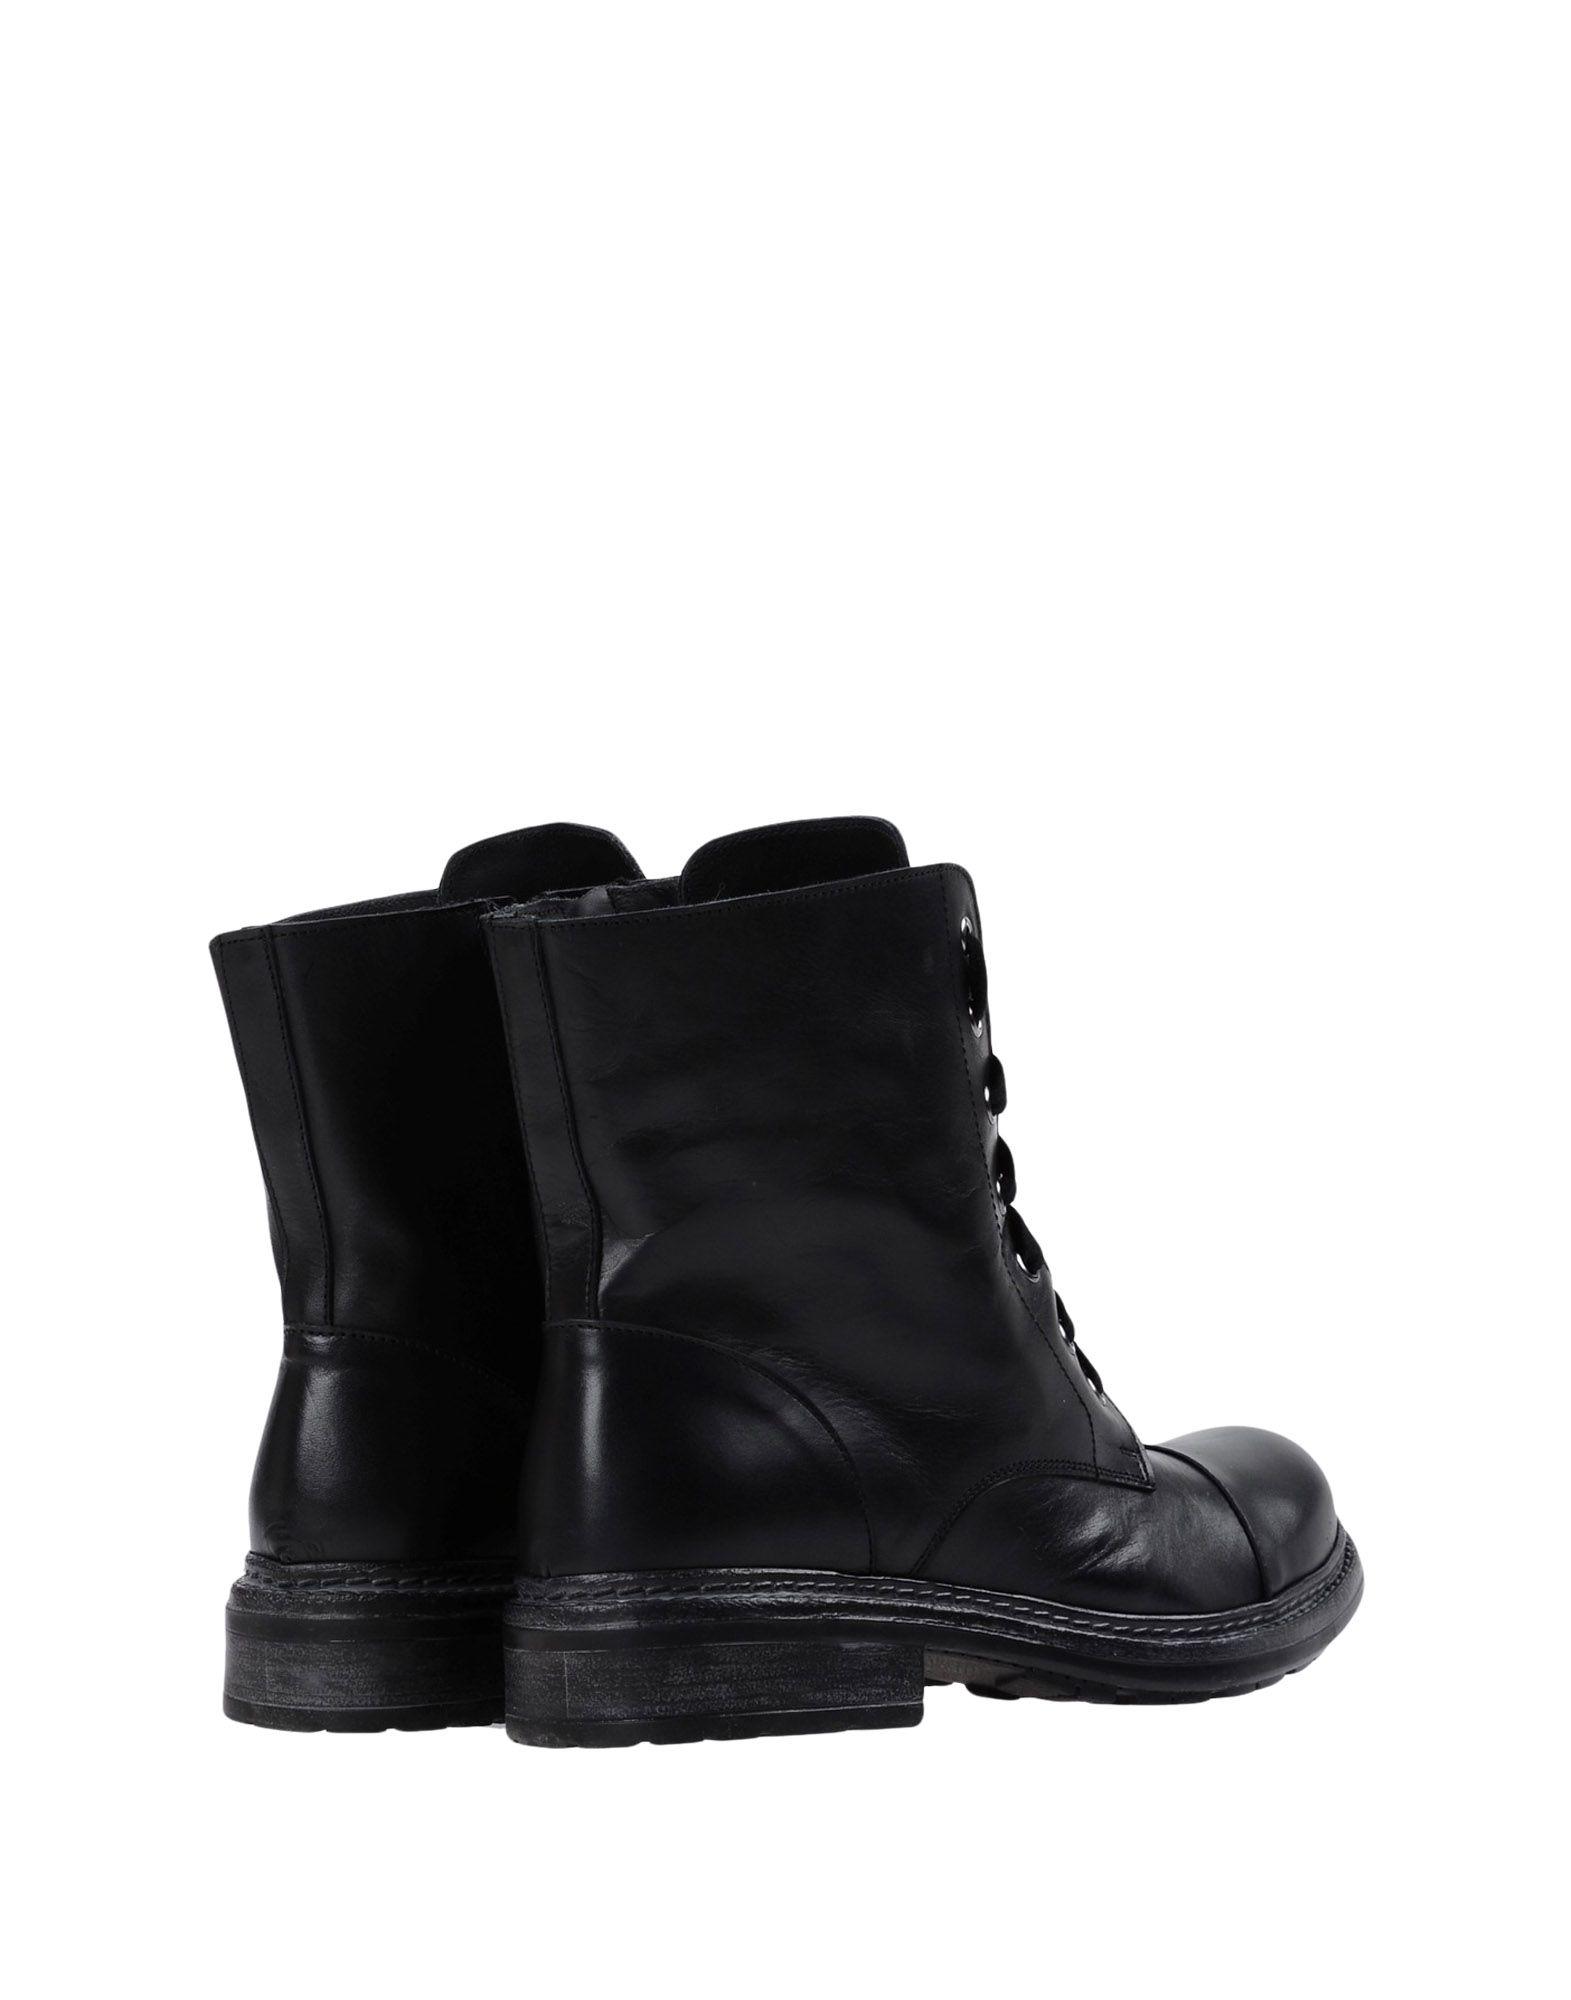 George Damen J. Love Stiefelette Damen George  11329277NI Gute Qualität beliebte Schuhe 023a5f